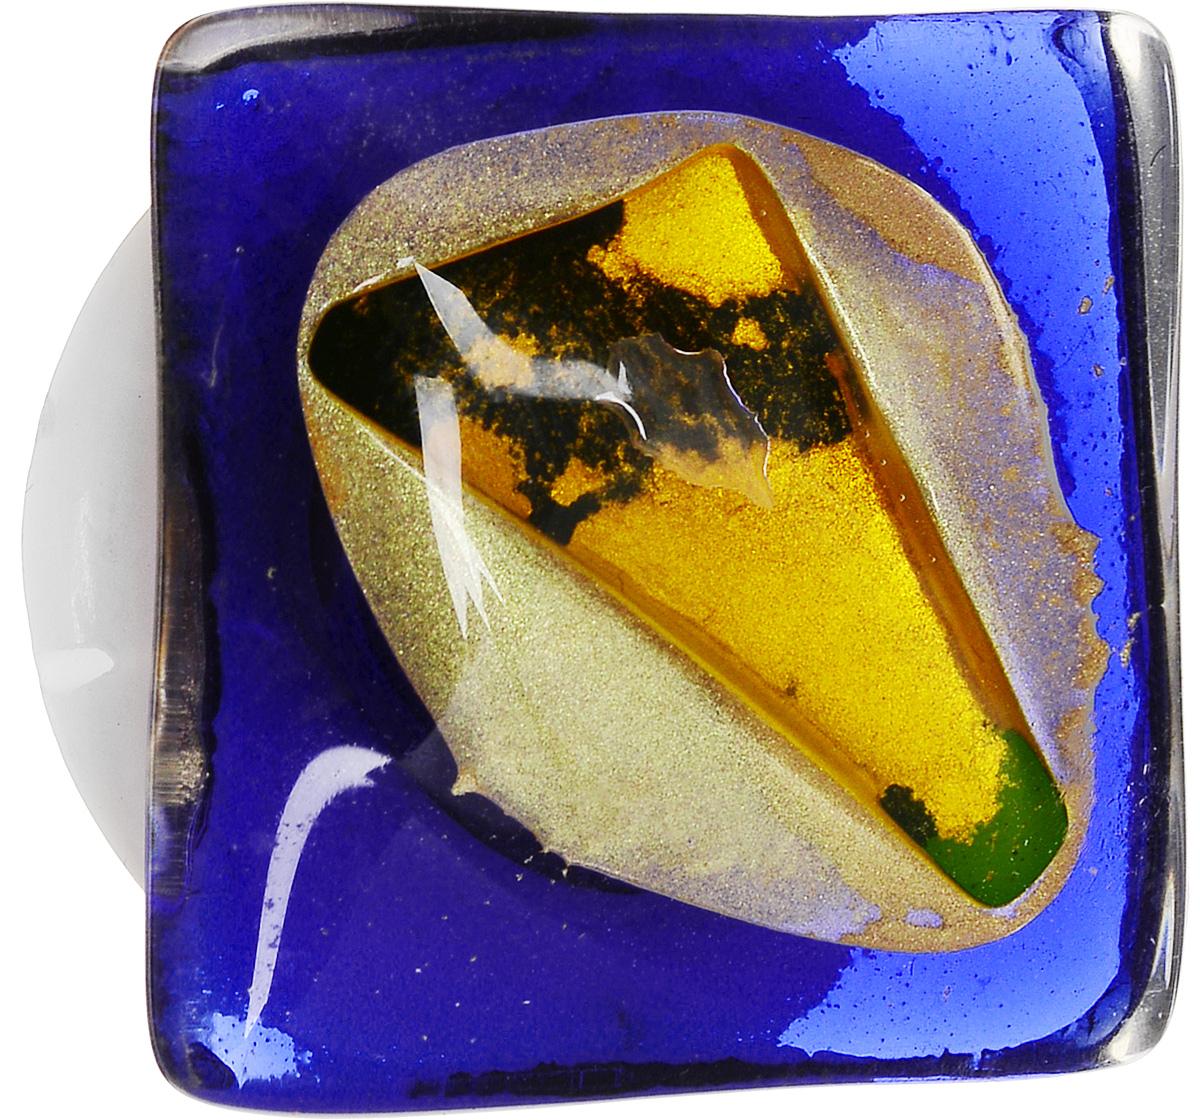 Брошь Сотворение мира. Муранское стекло, магнит, ручная работа. Murano, Италия (Венеция)30028180Брошь Сотворение мира. Муранское стекло, магнит, ручная работа. Murano, Италия (Венеция). Размер - 3 х 3 см. Тип крепления - магнит. Брошь можно носить на одежде, шляпе, рюкзаке или сумке. Каждое изделие из муранского стекла уникально и может незначительно отличаться от того, что вы видите на фотографии.